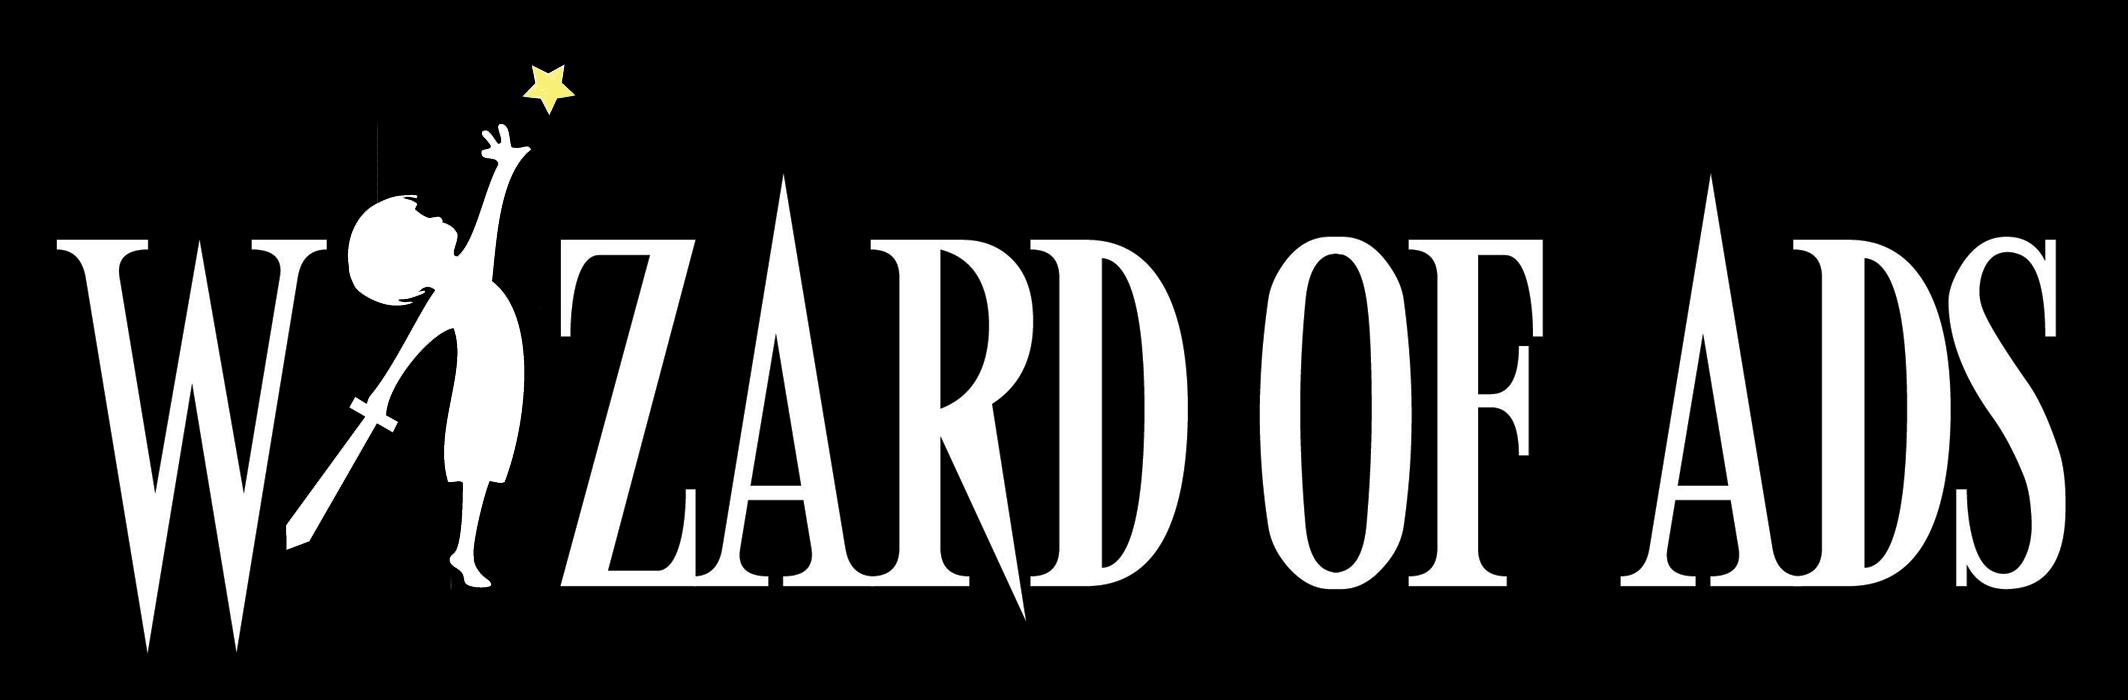 WizardOfAds_LOGO_Horizontal.jpg